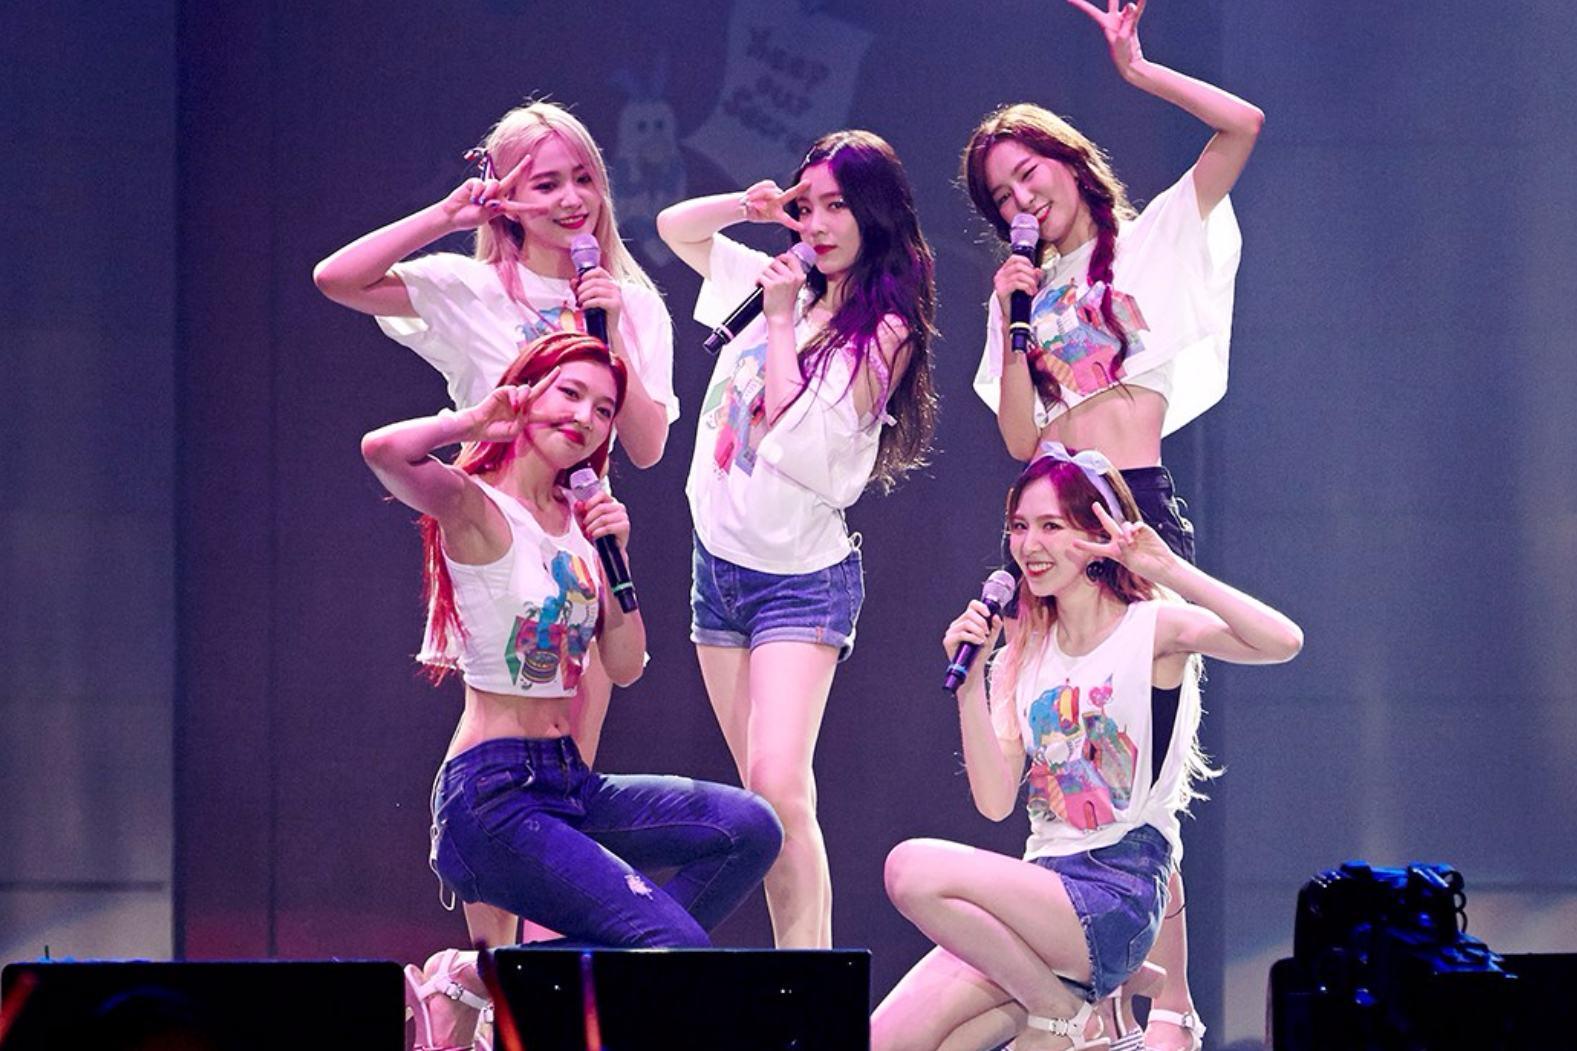 #3. Red  Velvet 7票 而SM家的女團中,過往一直排名前三的少女時代在路人街訪中小幅下滑,不過師妹貝貝們的排名卻衝了上來。而且可能有些粉絲還不知道,在三大社中的四代女團只有Red Velvet在日本還沒正式出道,有這樣的成績,可以說真的很威啊!